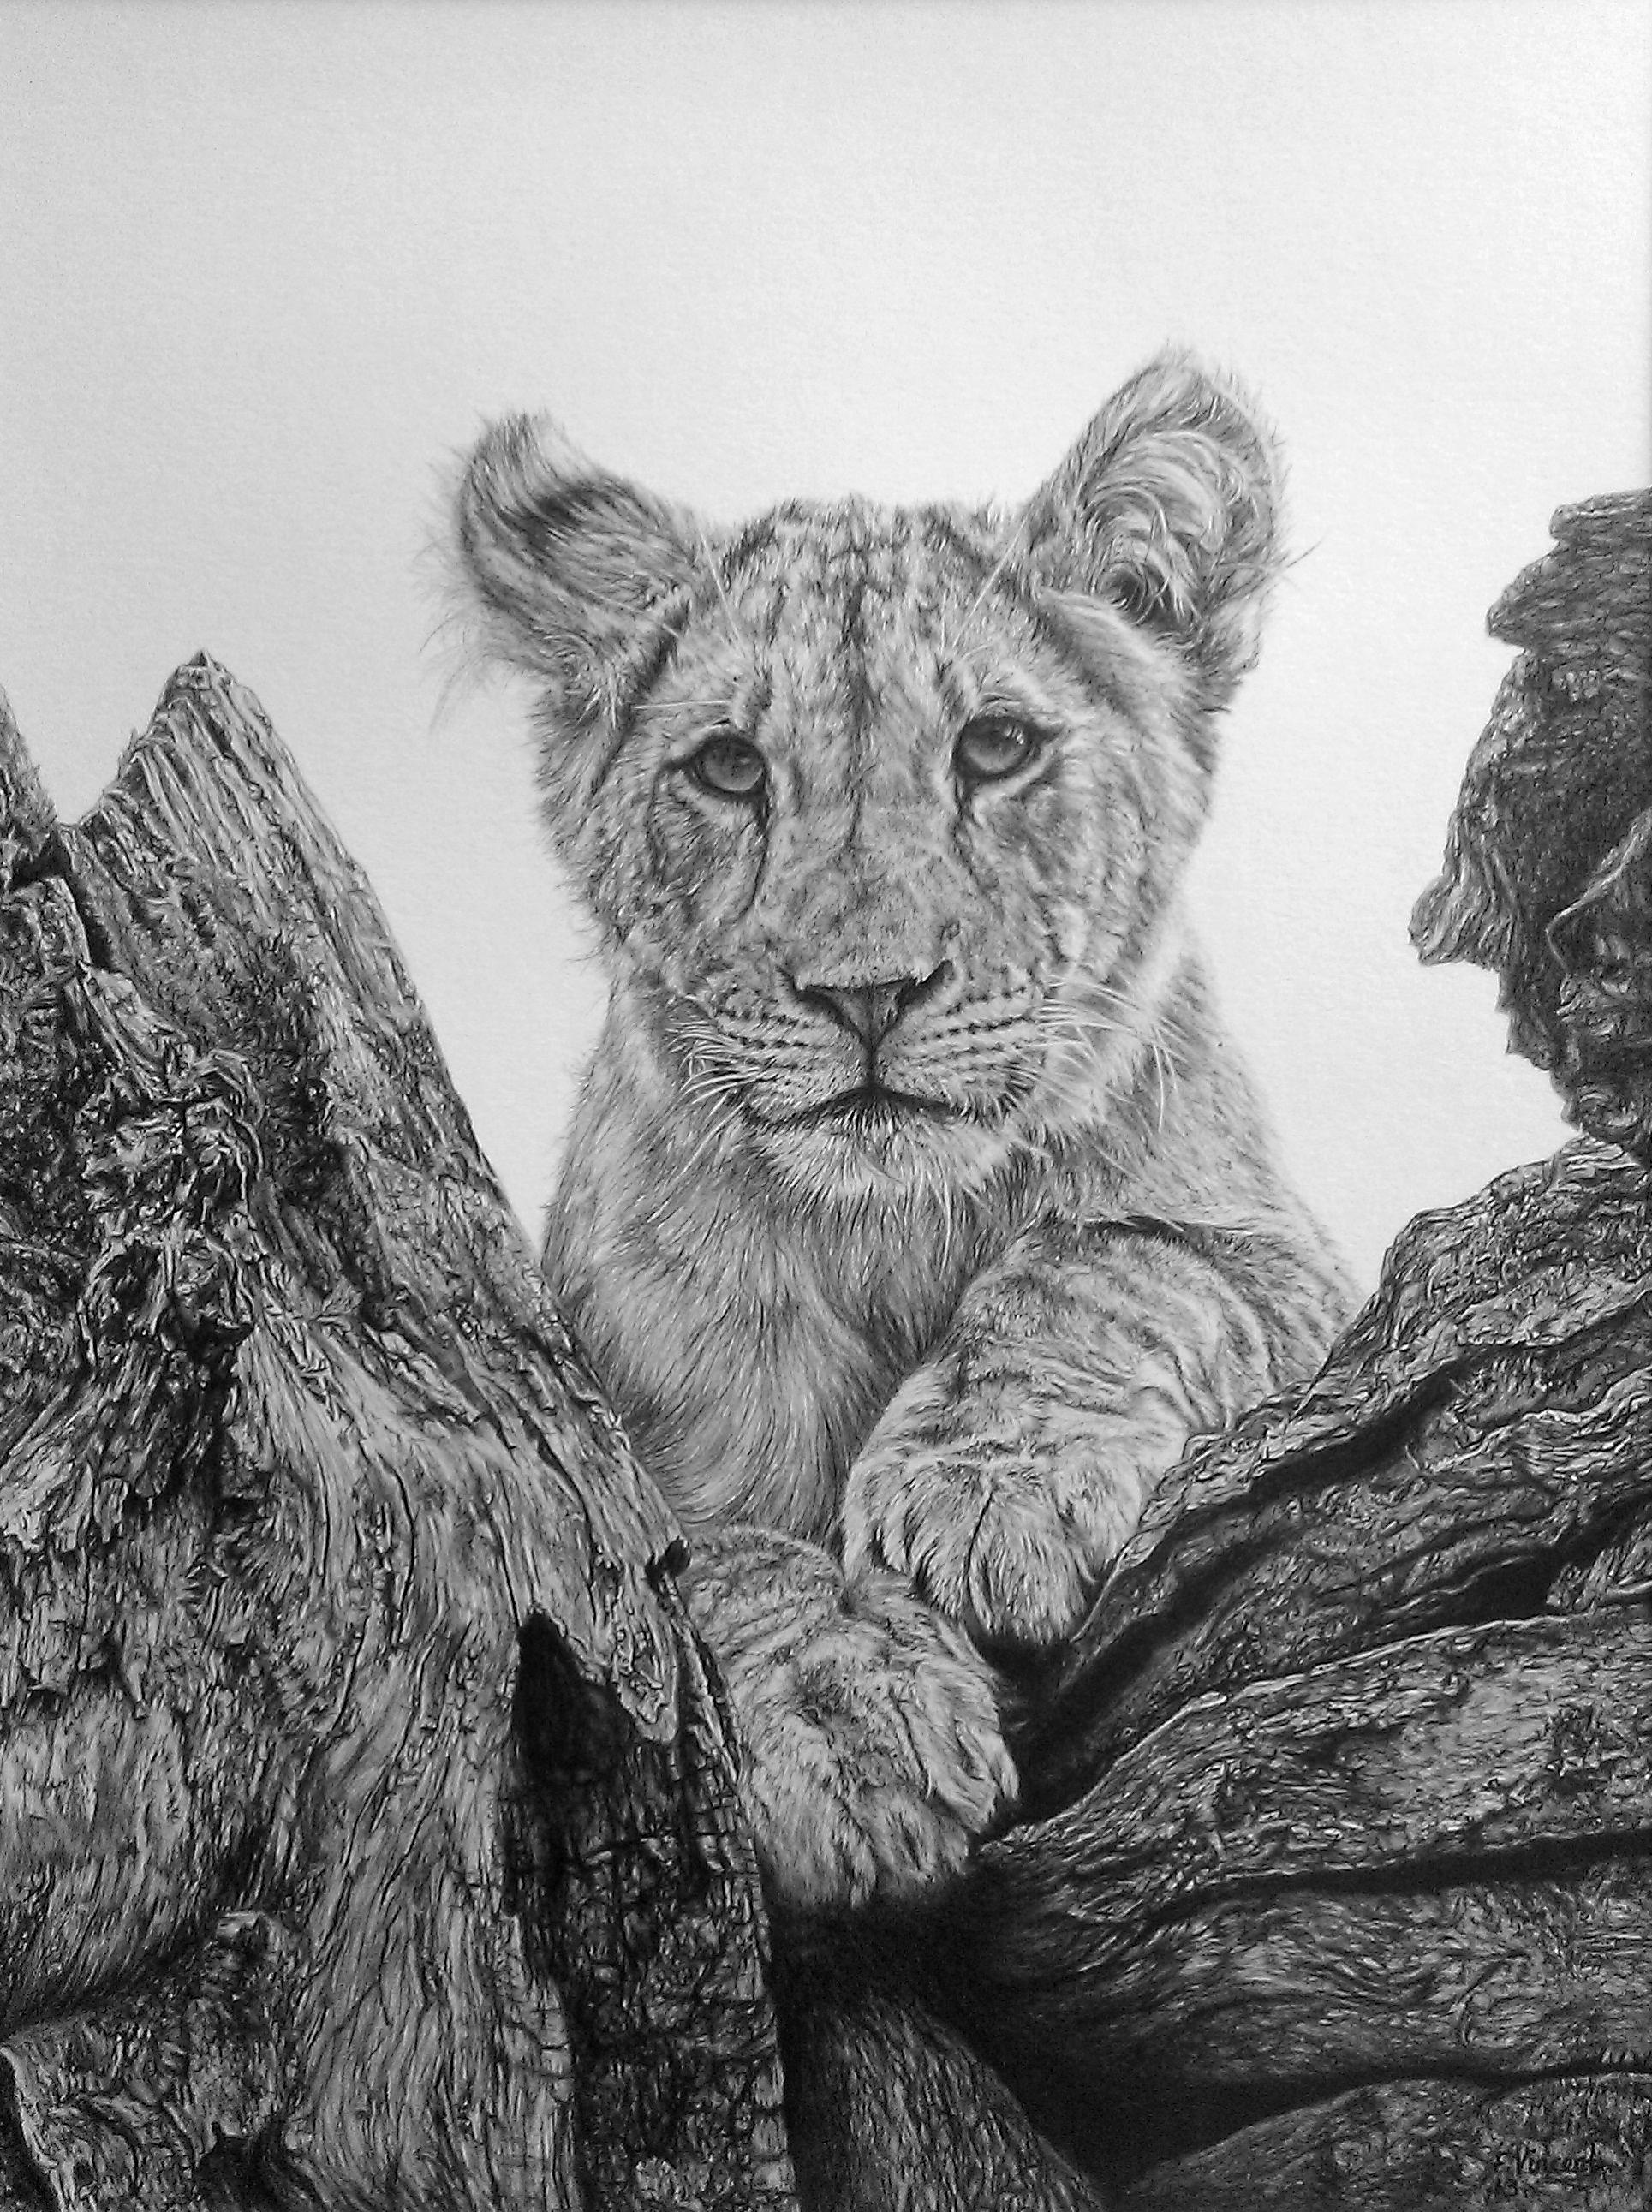 Lions Eye View